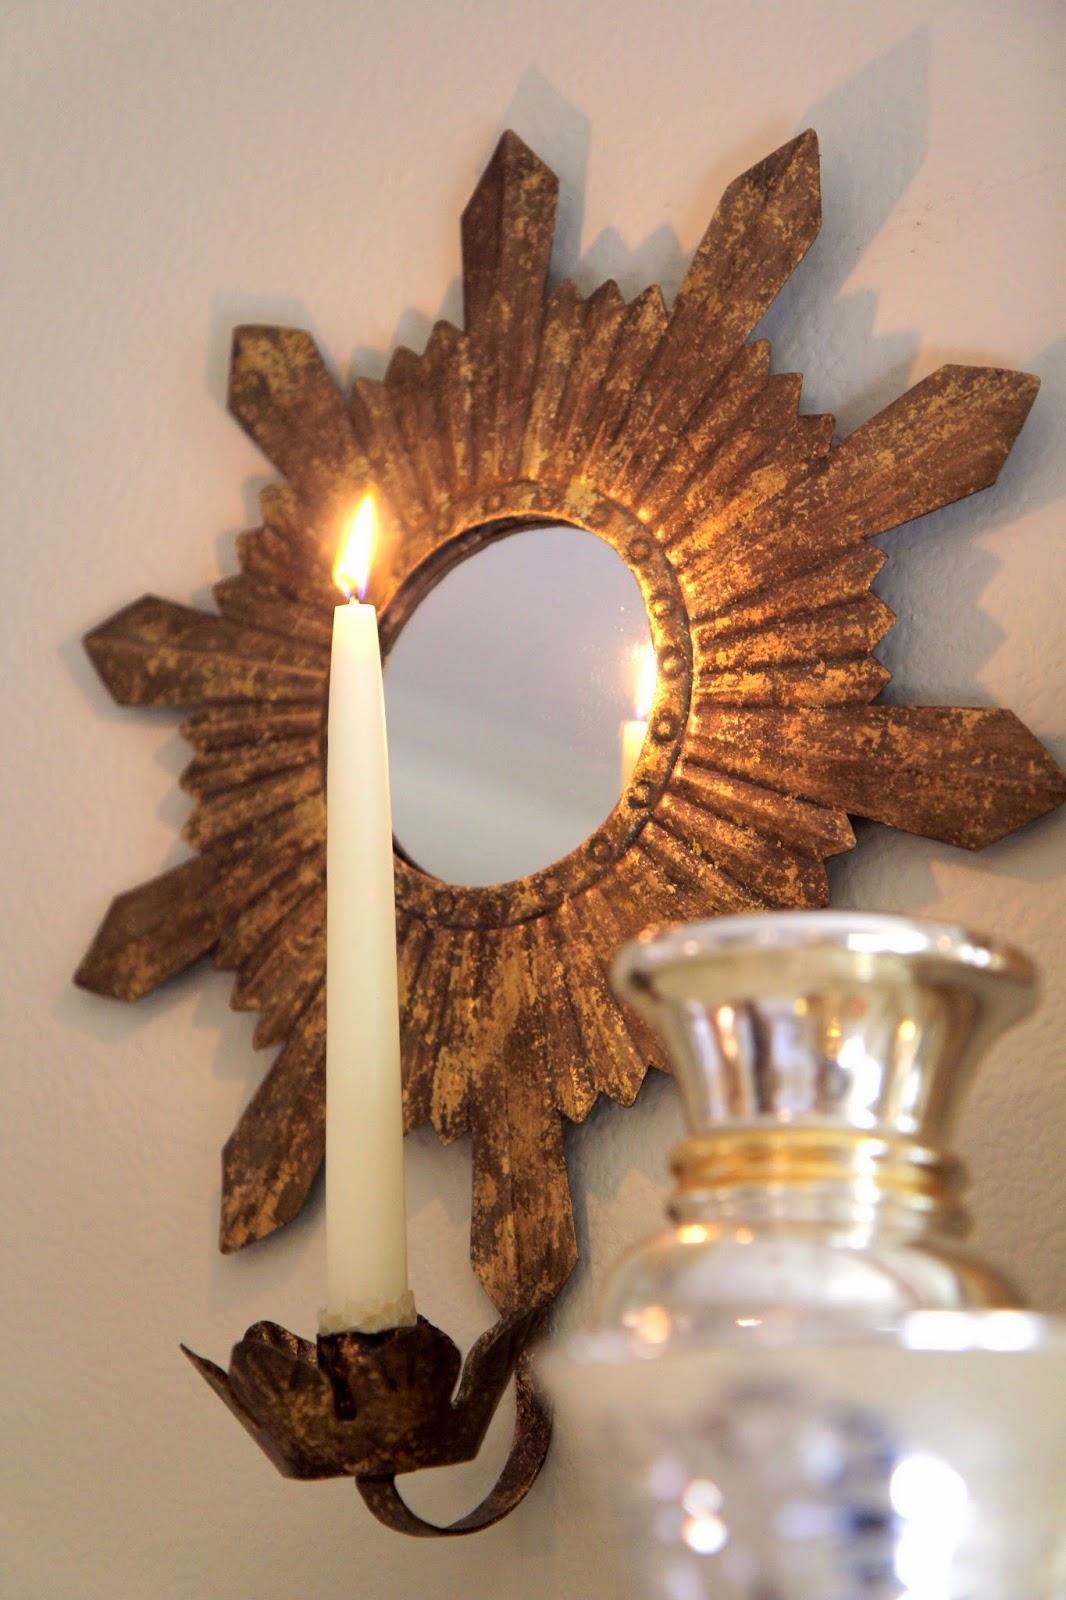 Sunburst Candle Mirror for Home Decor: Wisteria